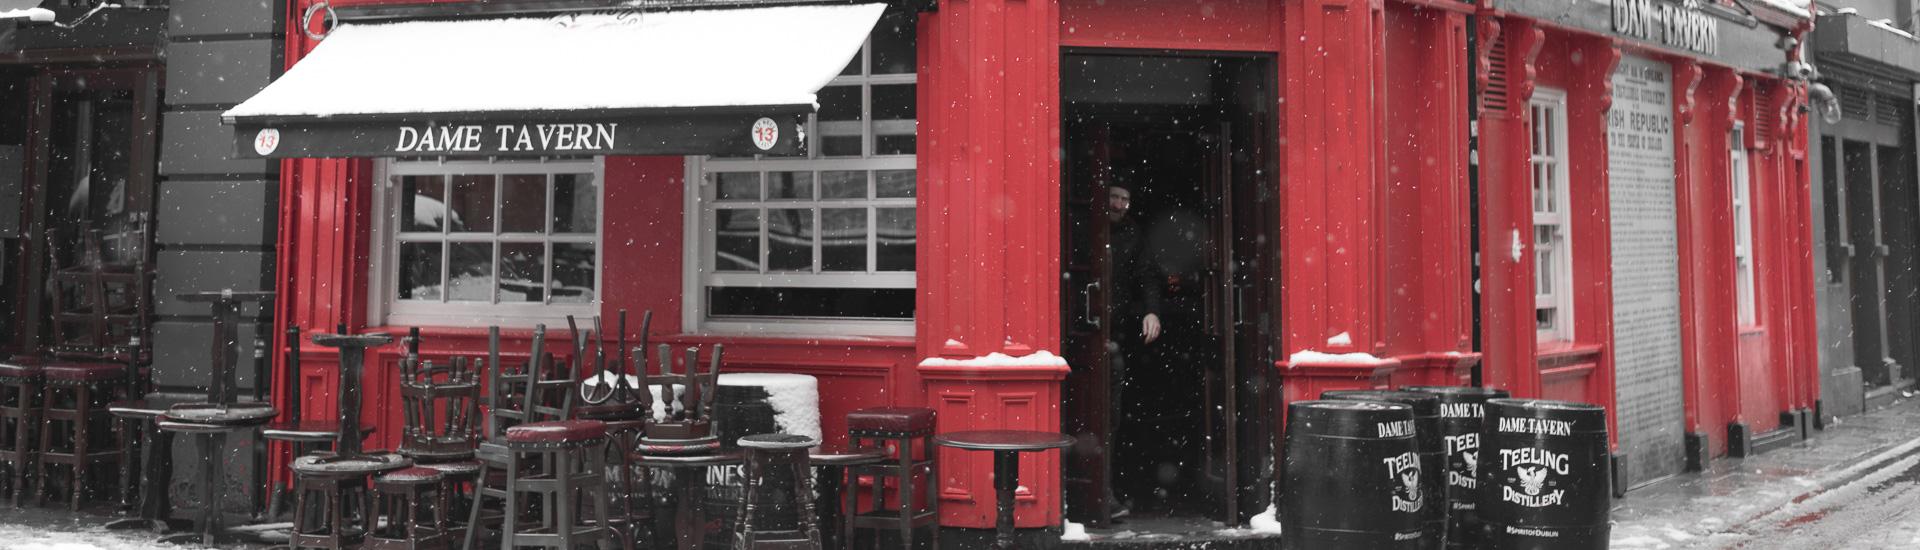 Dublin schneeweiß - Bilder vom Morgen nach St. Patrick's Day